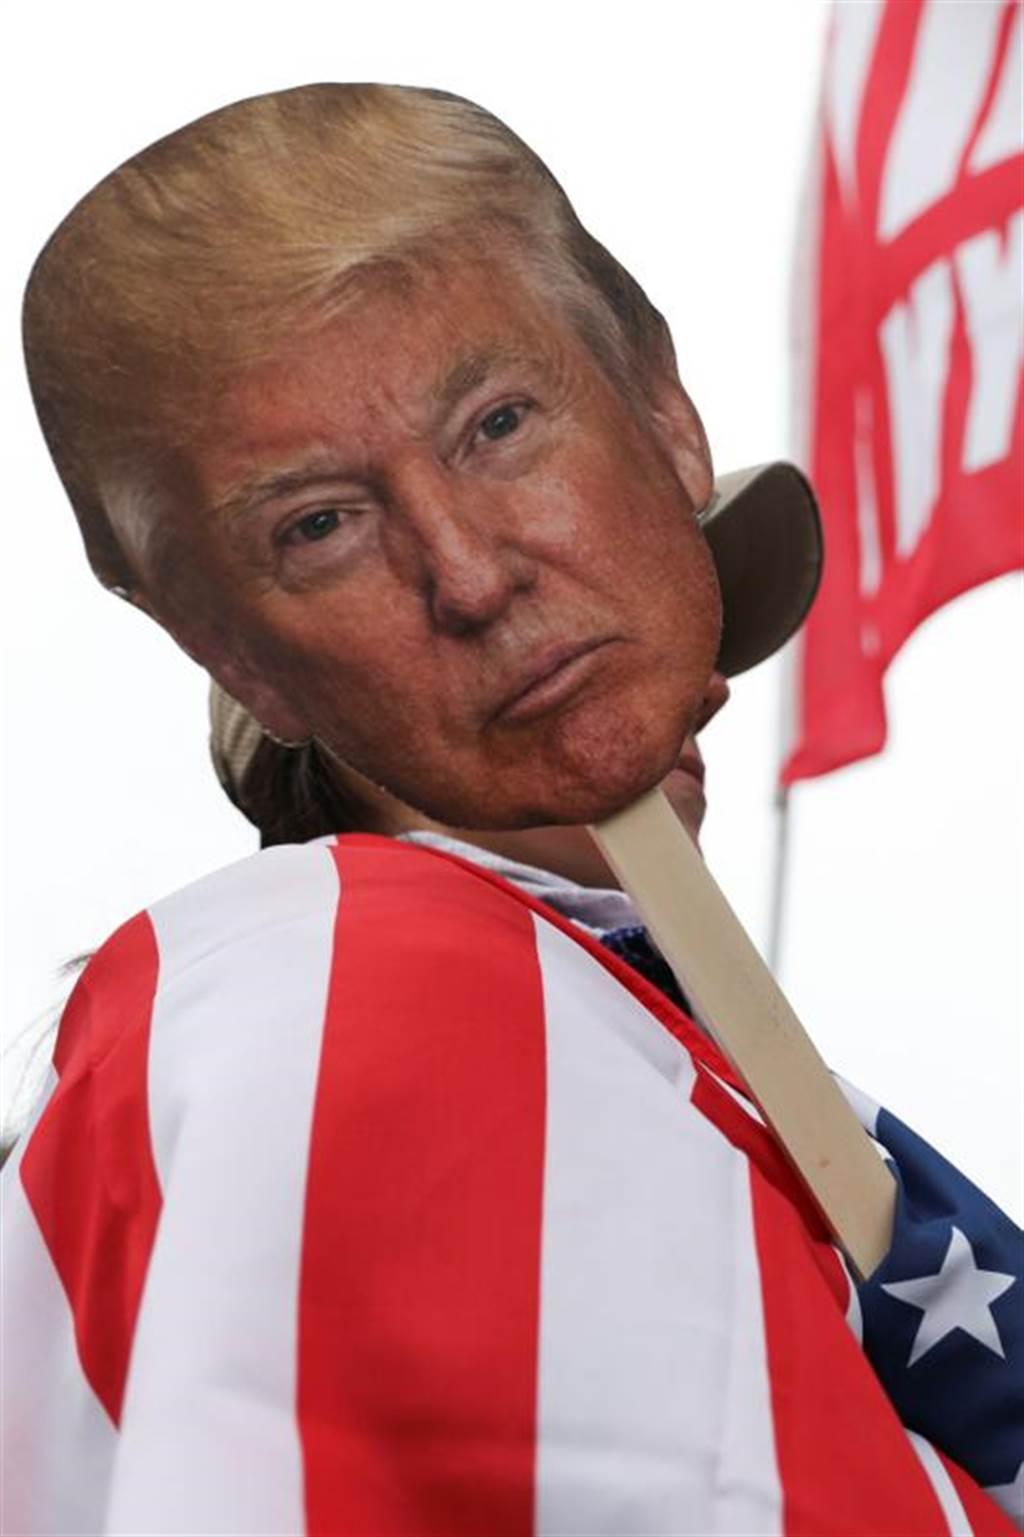 密西根州川粉走上街頭力挺川普,抗議選舉舞弊。 不過,德國《明鏡周刊》發文修理川普,稱他是2020的年度最大輸家。(路透)